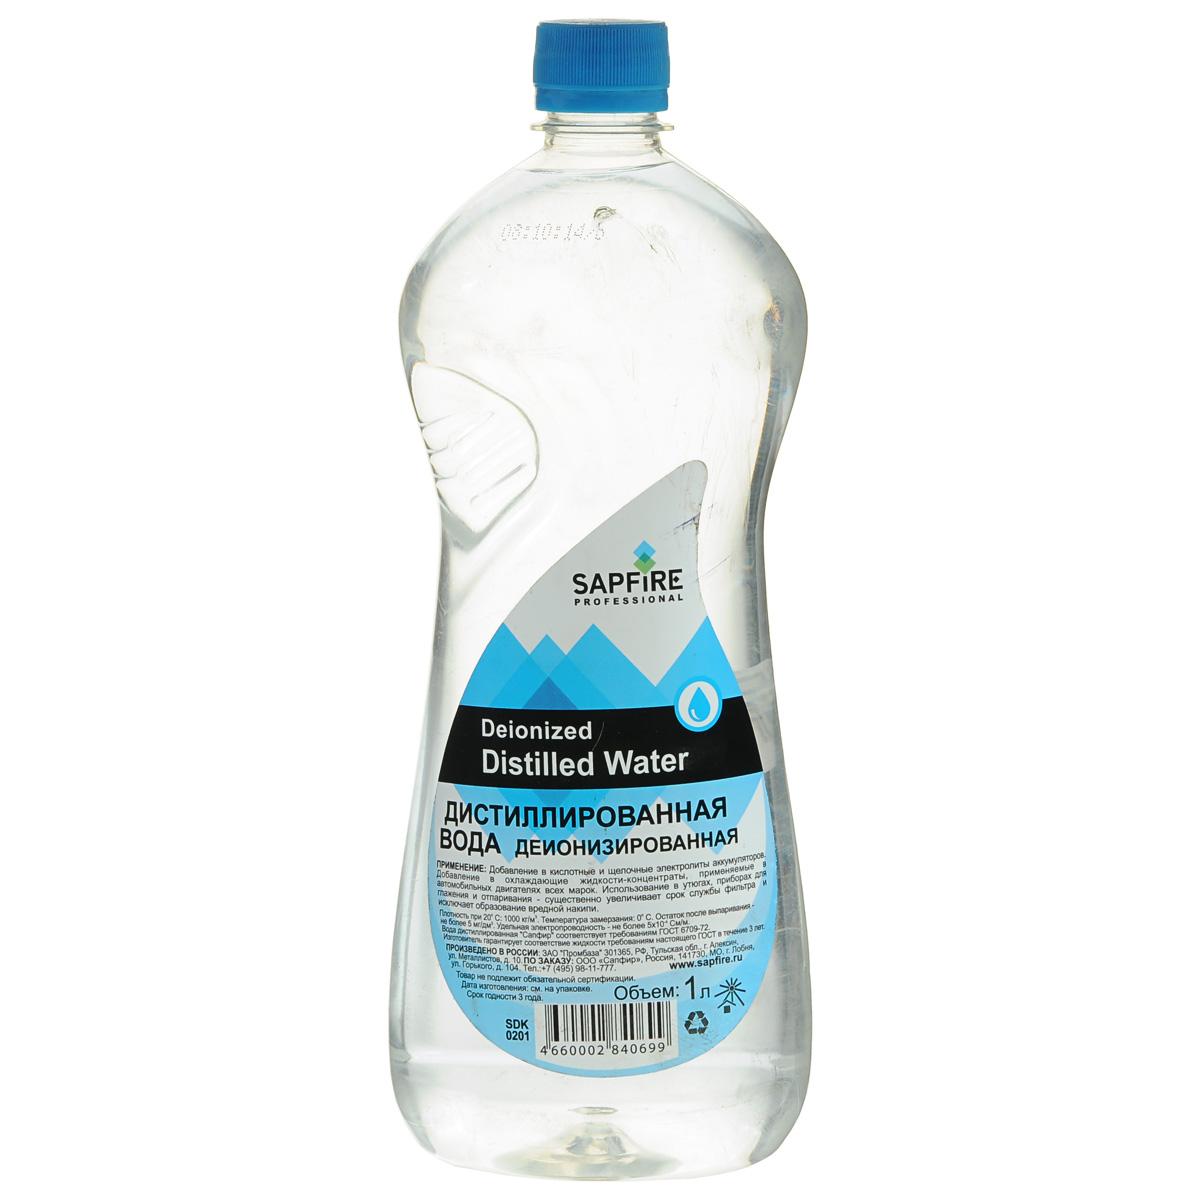 Вода дистиллированная Sapfire, 1 л0201-SDKВода дистиллированная Sapfire исключает образование накипи при добавлении в кислотные, щелочные аккумуляторы и при разбавлении охлаждающих жидкостей-концентратов.